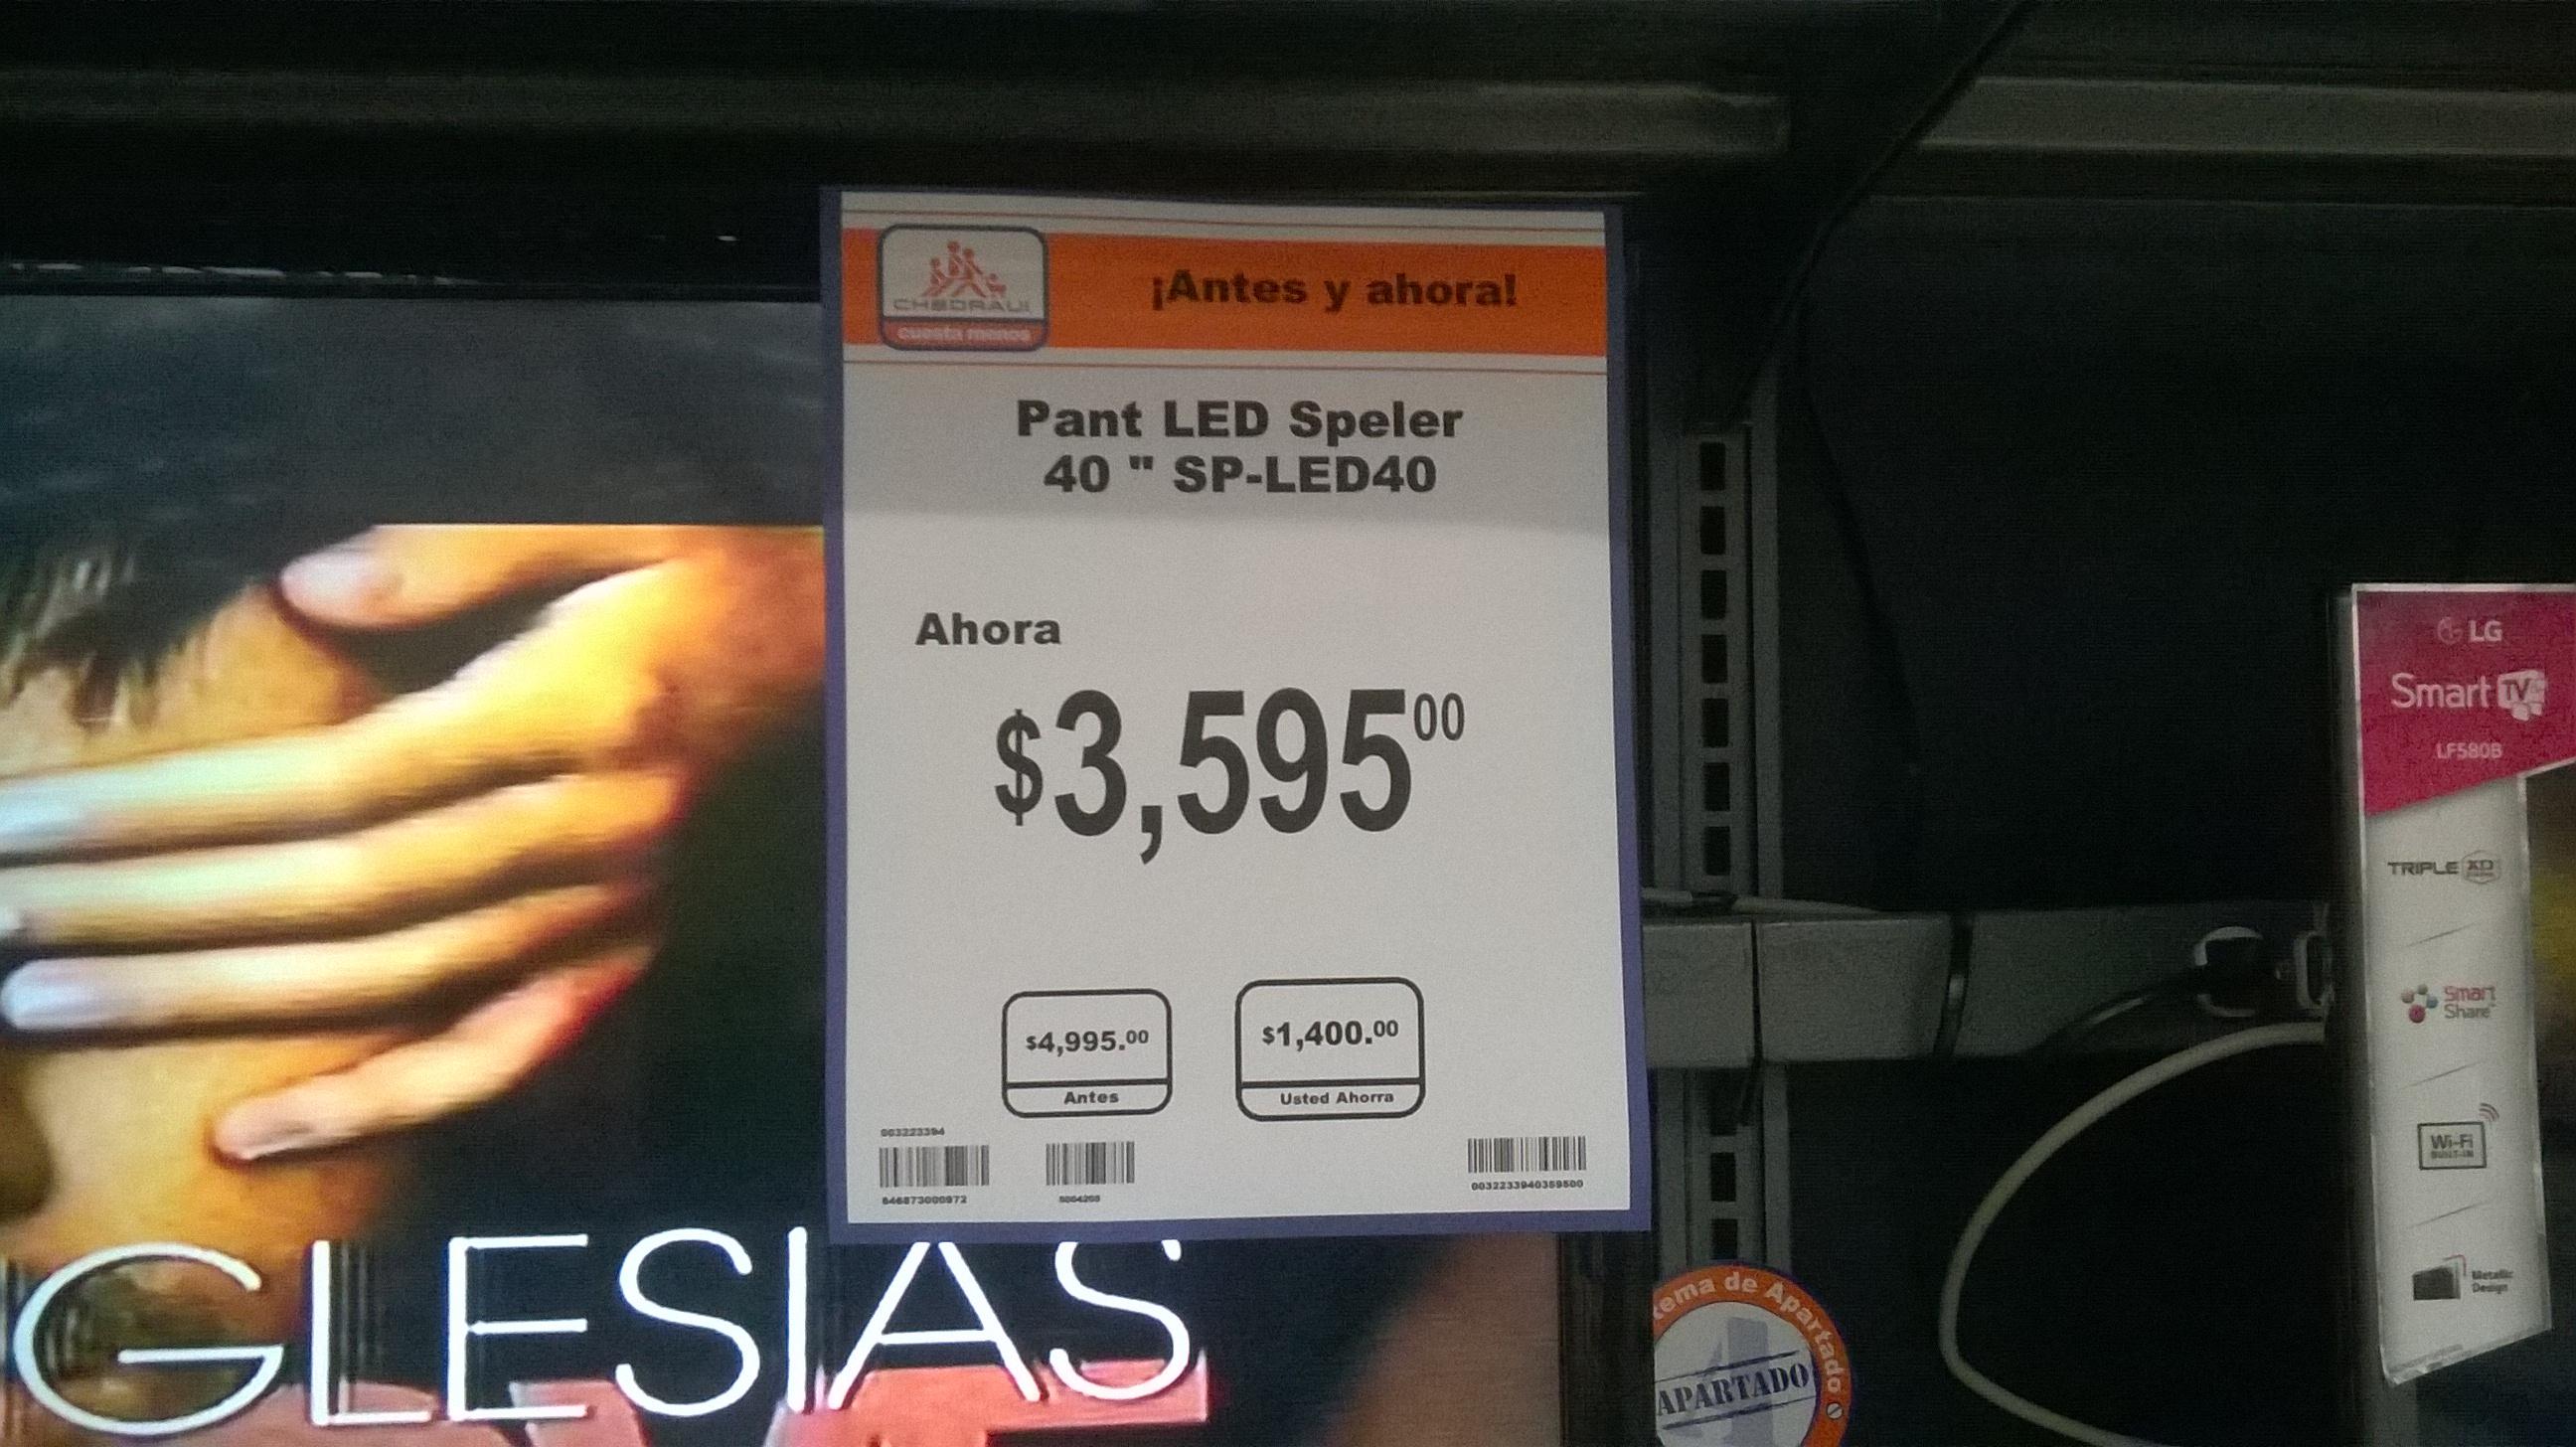 """Ofertas El Buen Fin en Chedraui - pantalla speler 40"""" led $3595"""